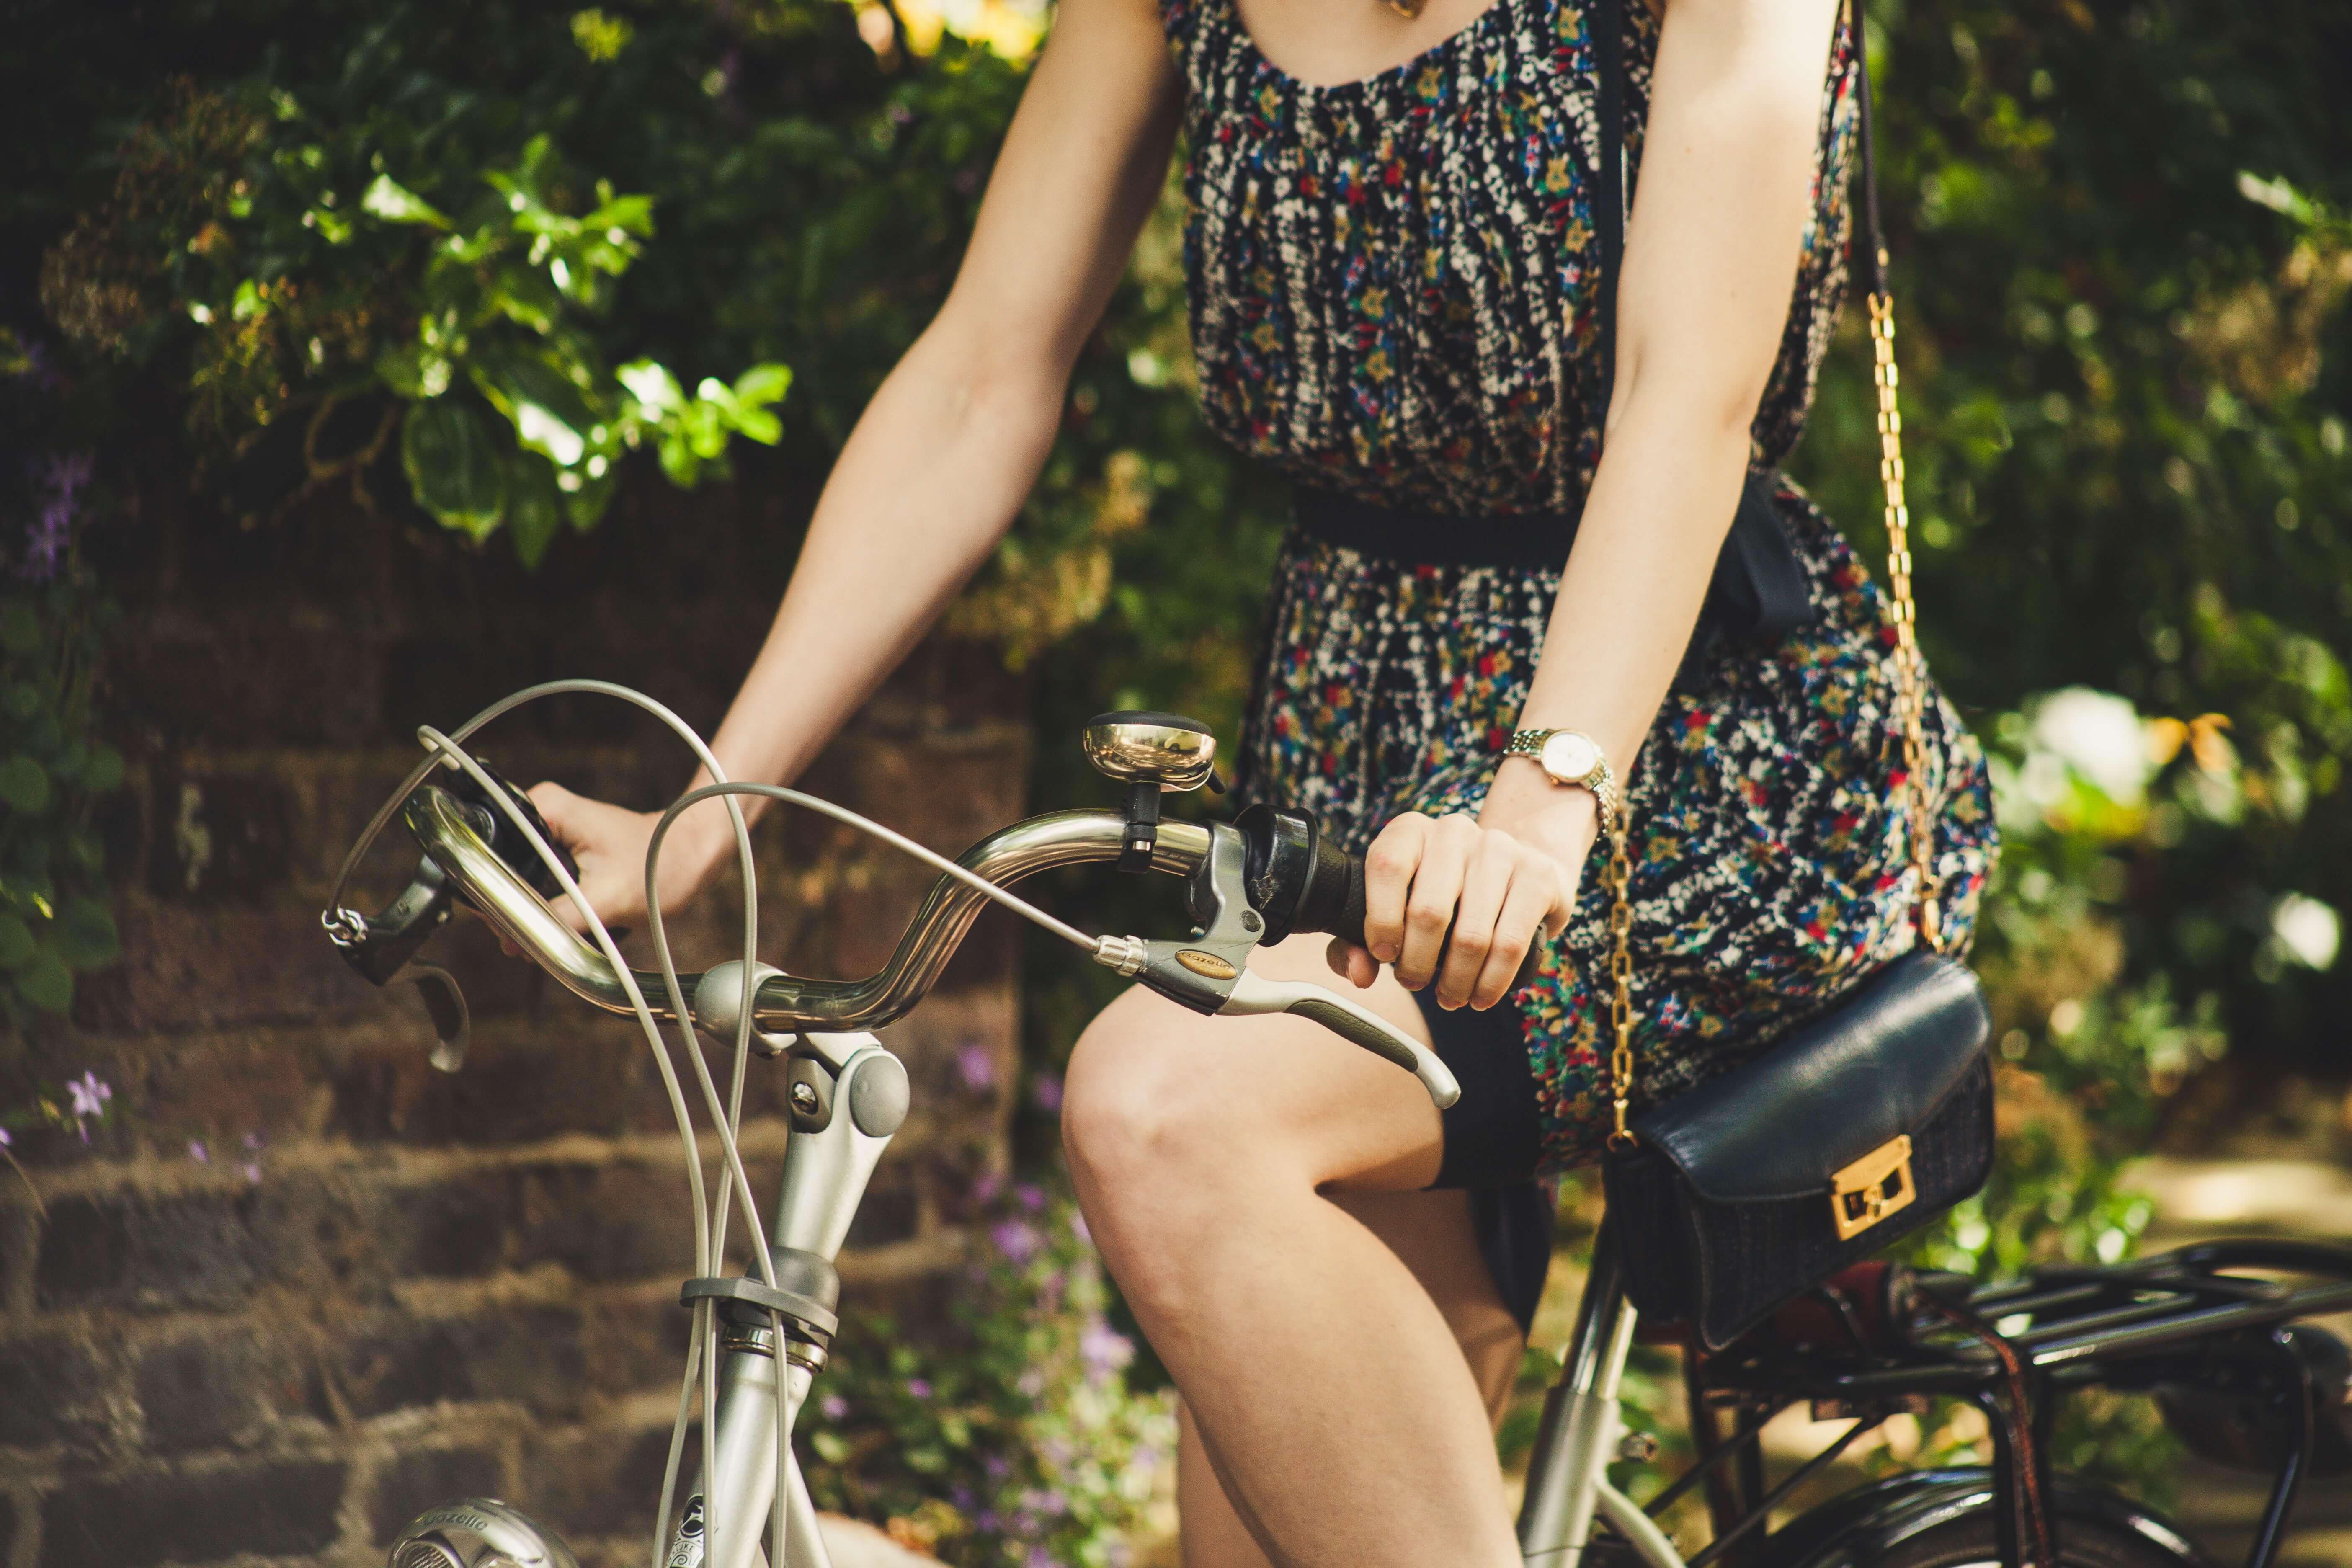 自転車に乗るワンピースを着た女性